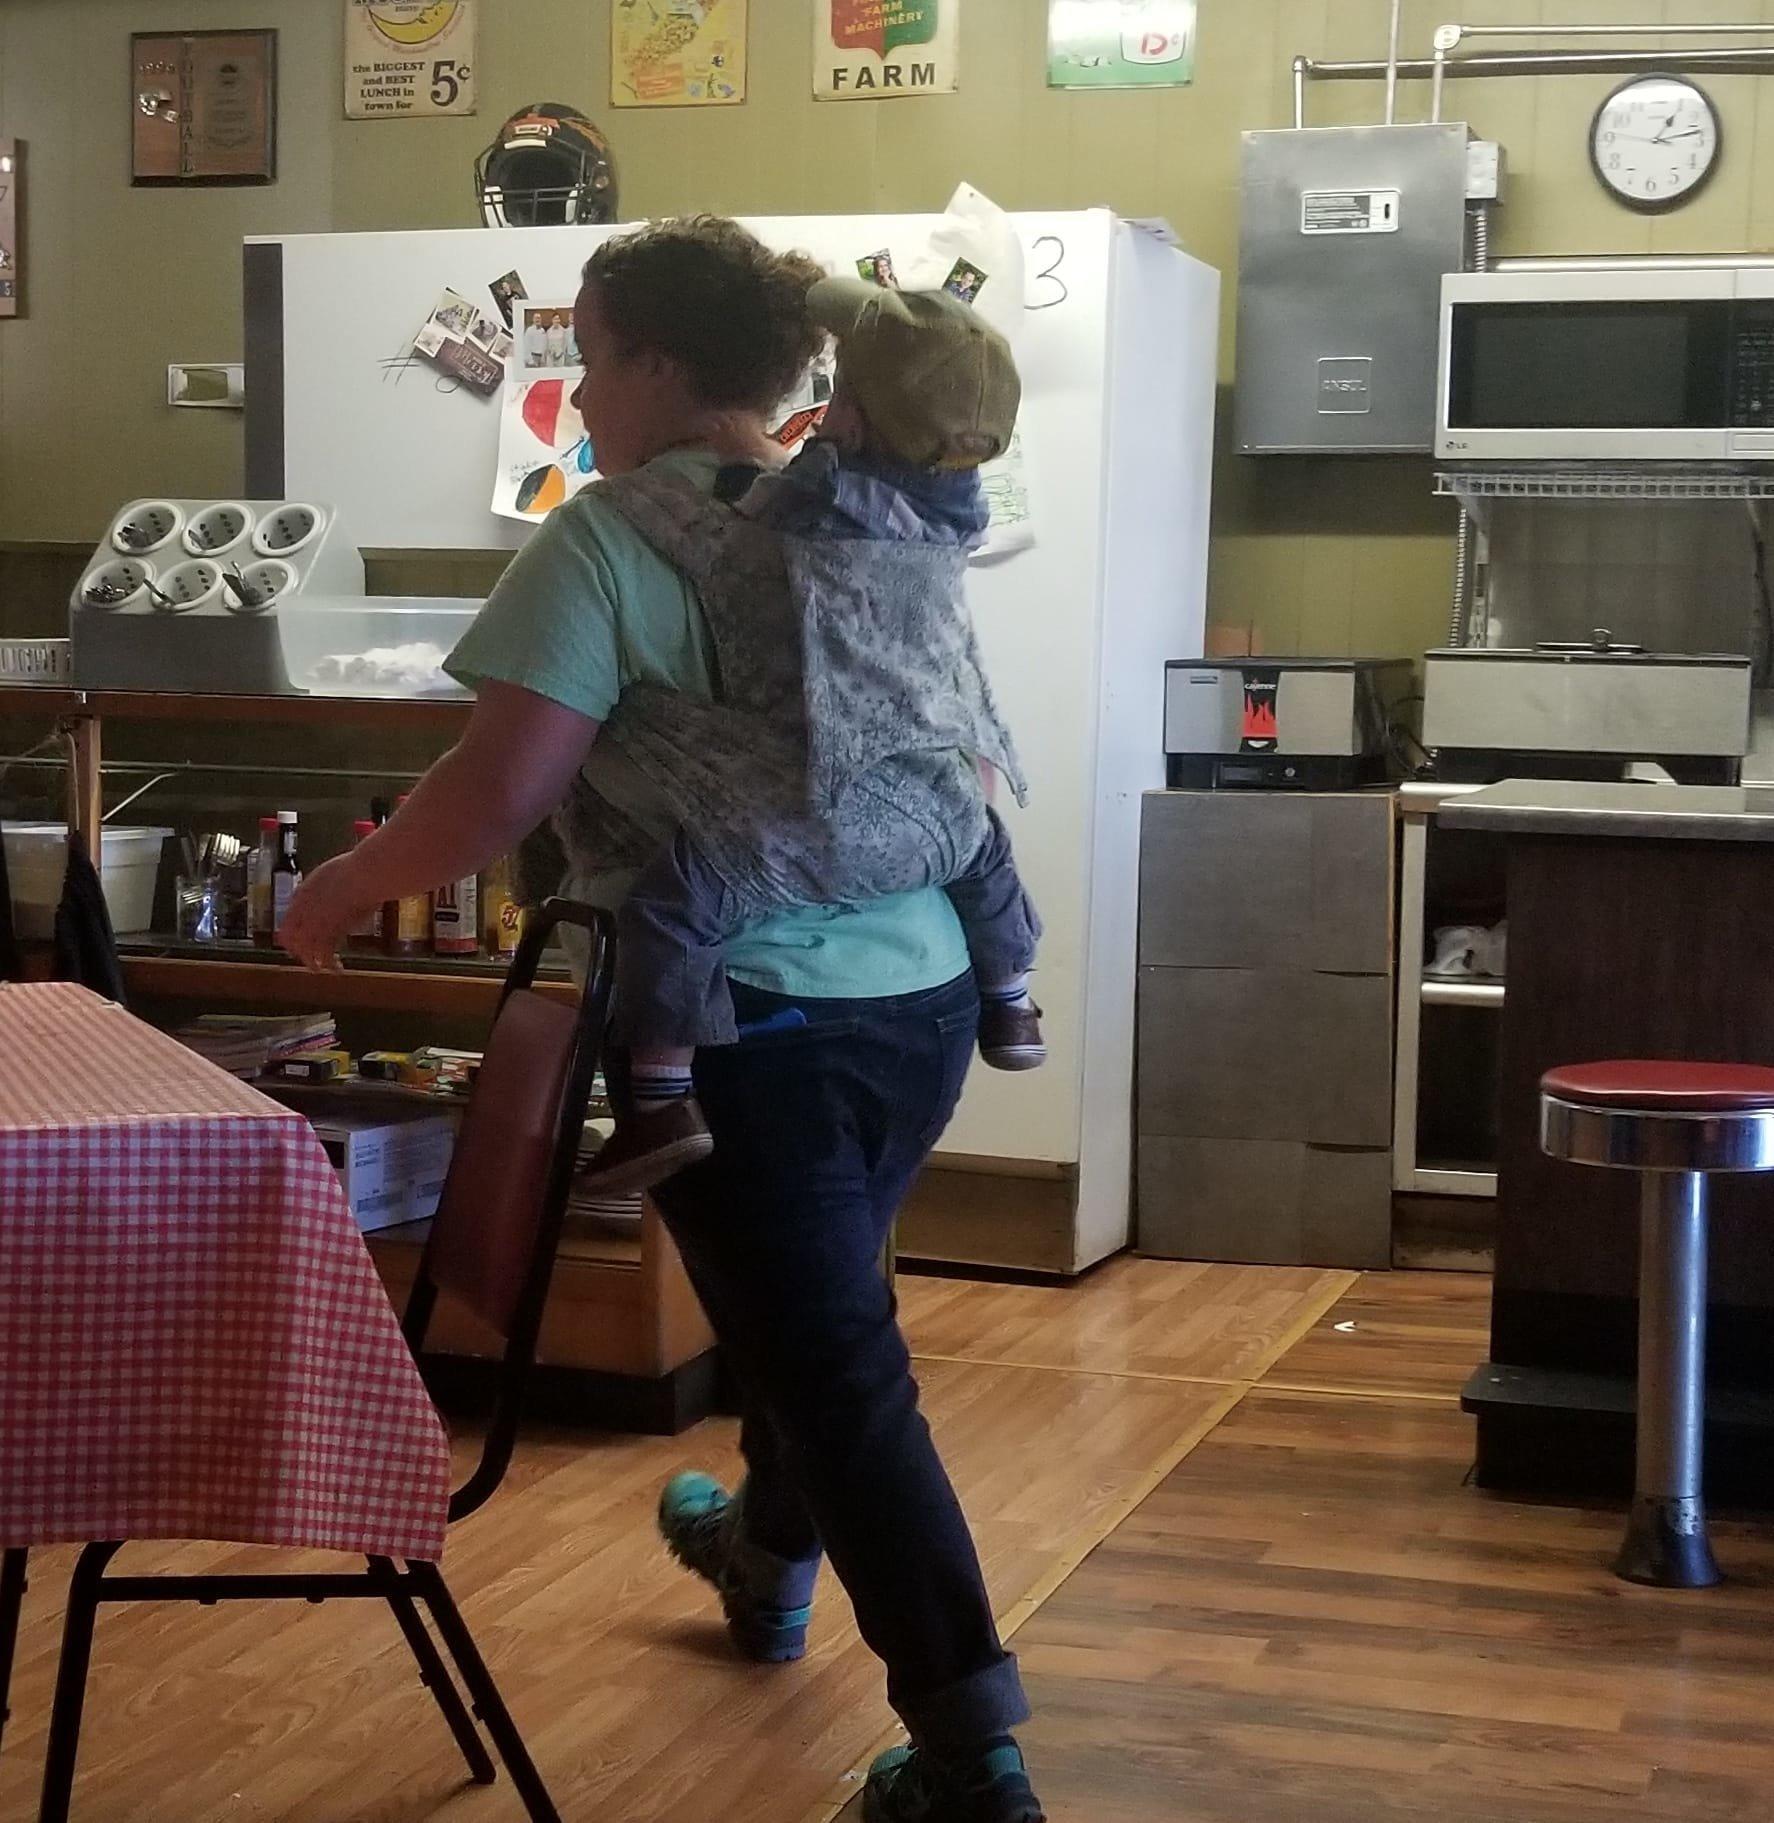 Restaurant: Frau sieht Mutter mit Kind auf dem Rücken und macht sofort ein